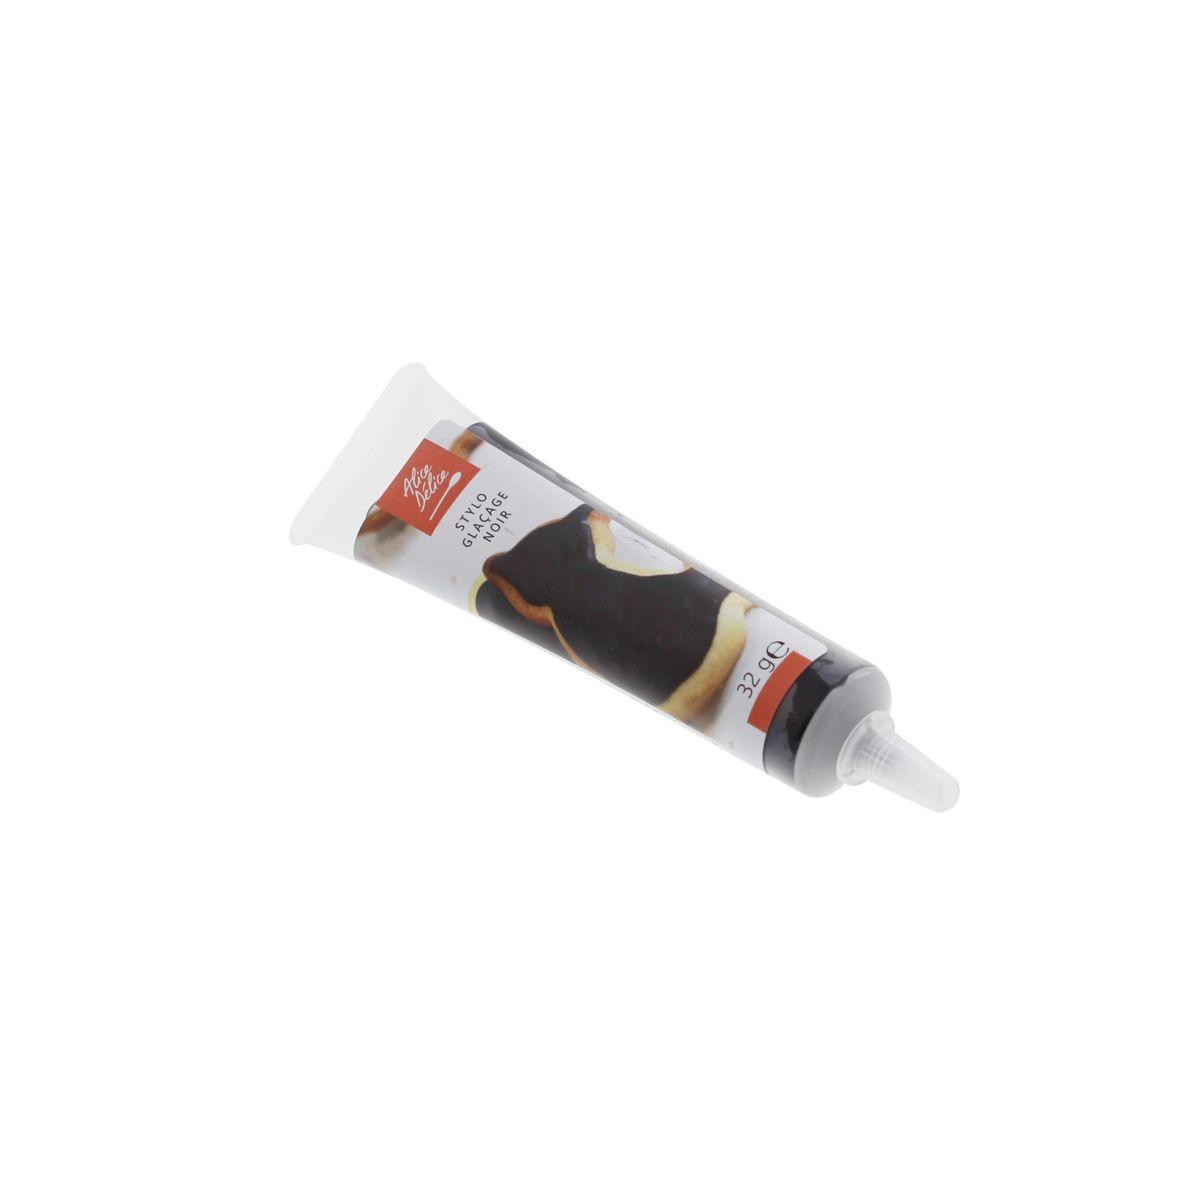 Stylo glaçage noir 32g - Alice Délice